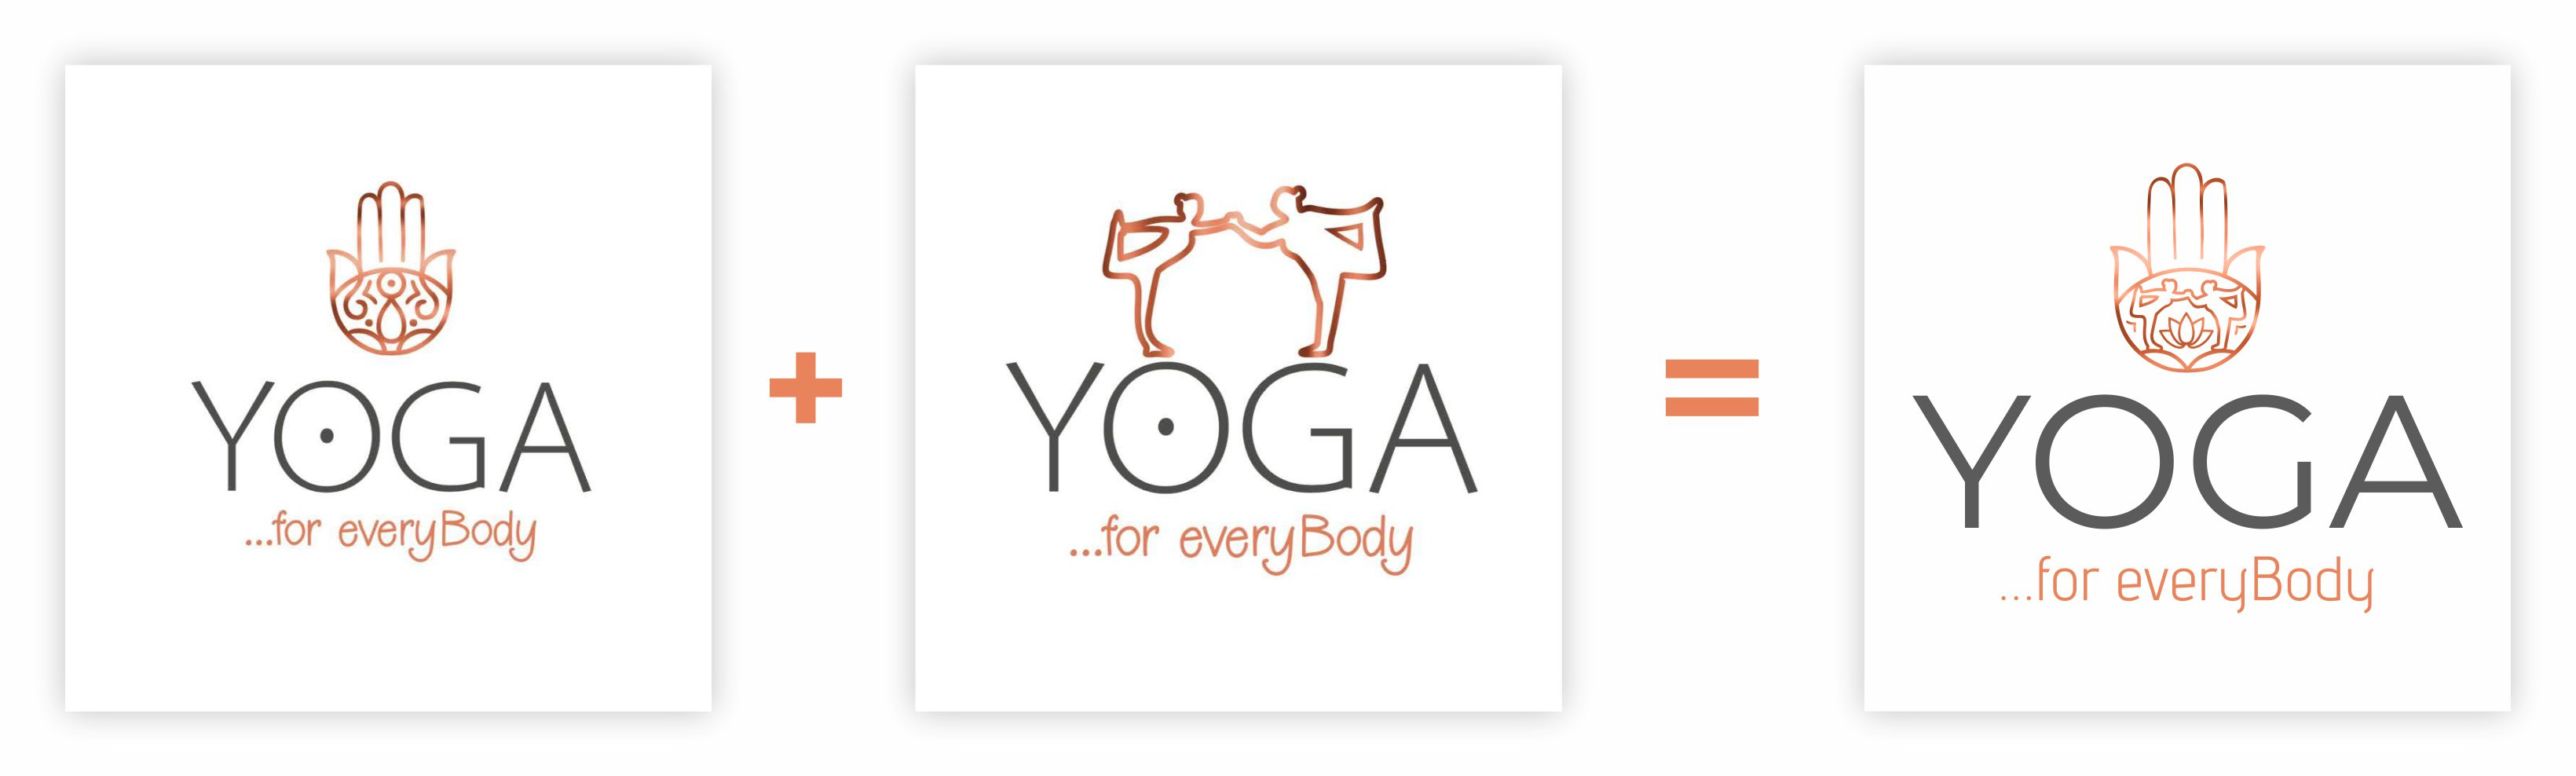 Yoga Logodesign Entwicklung